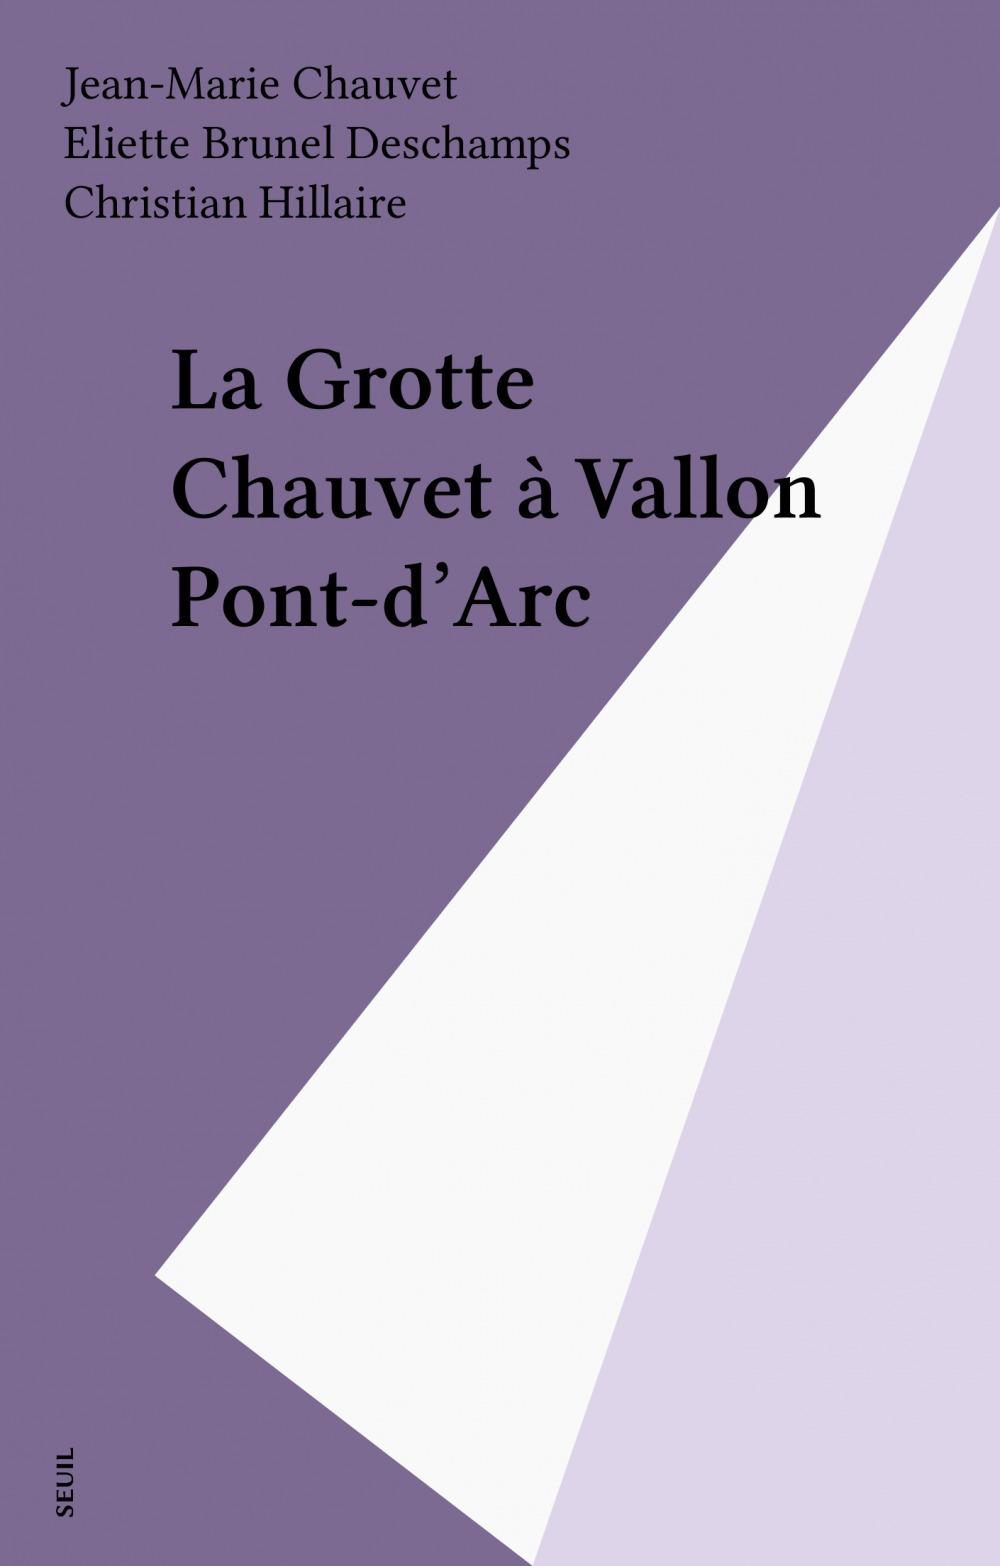 La Grotte Chauvet à Vallon Pont-d'Arc